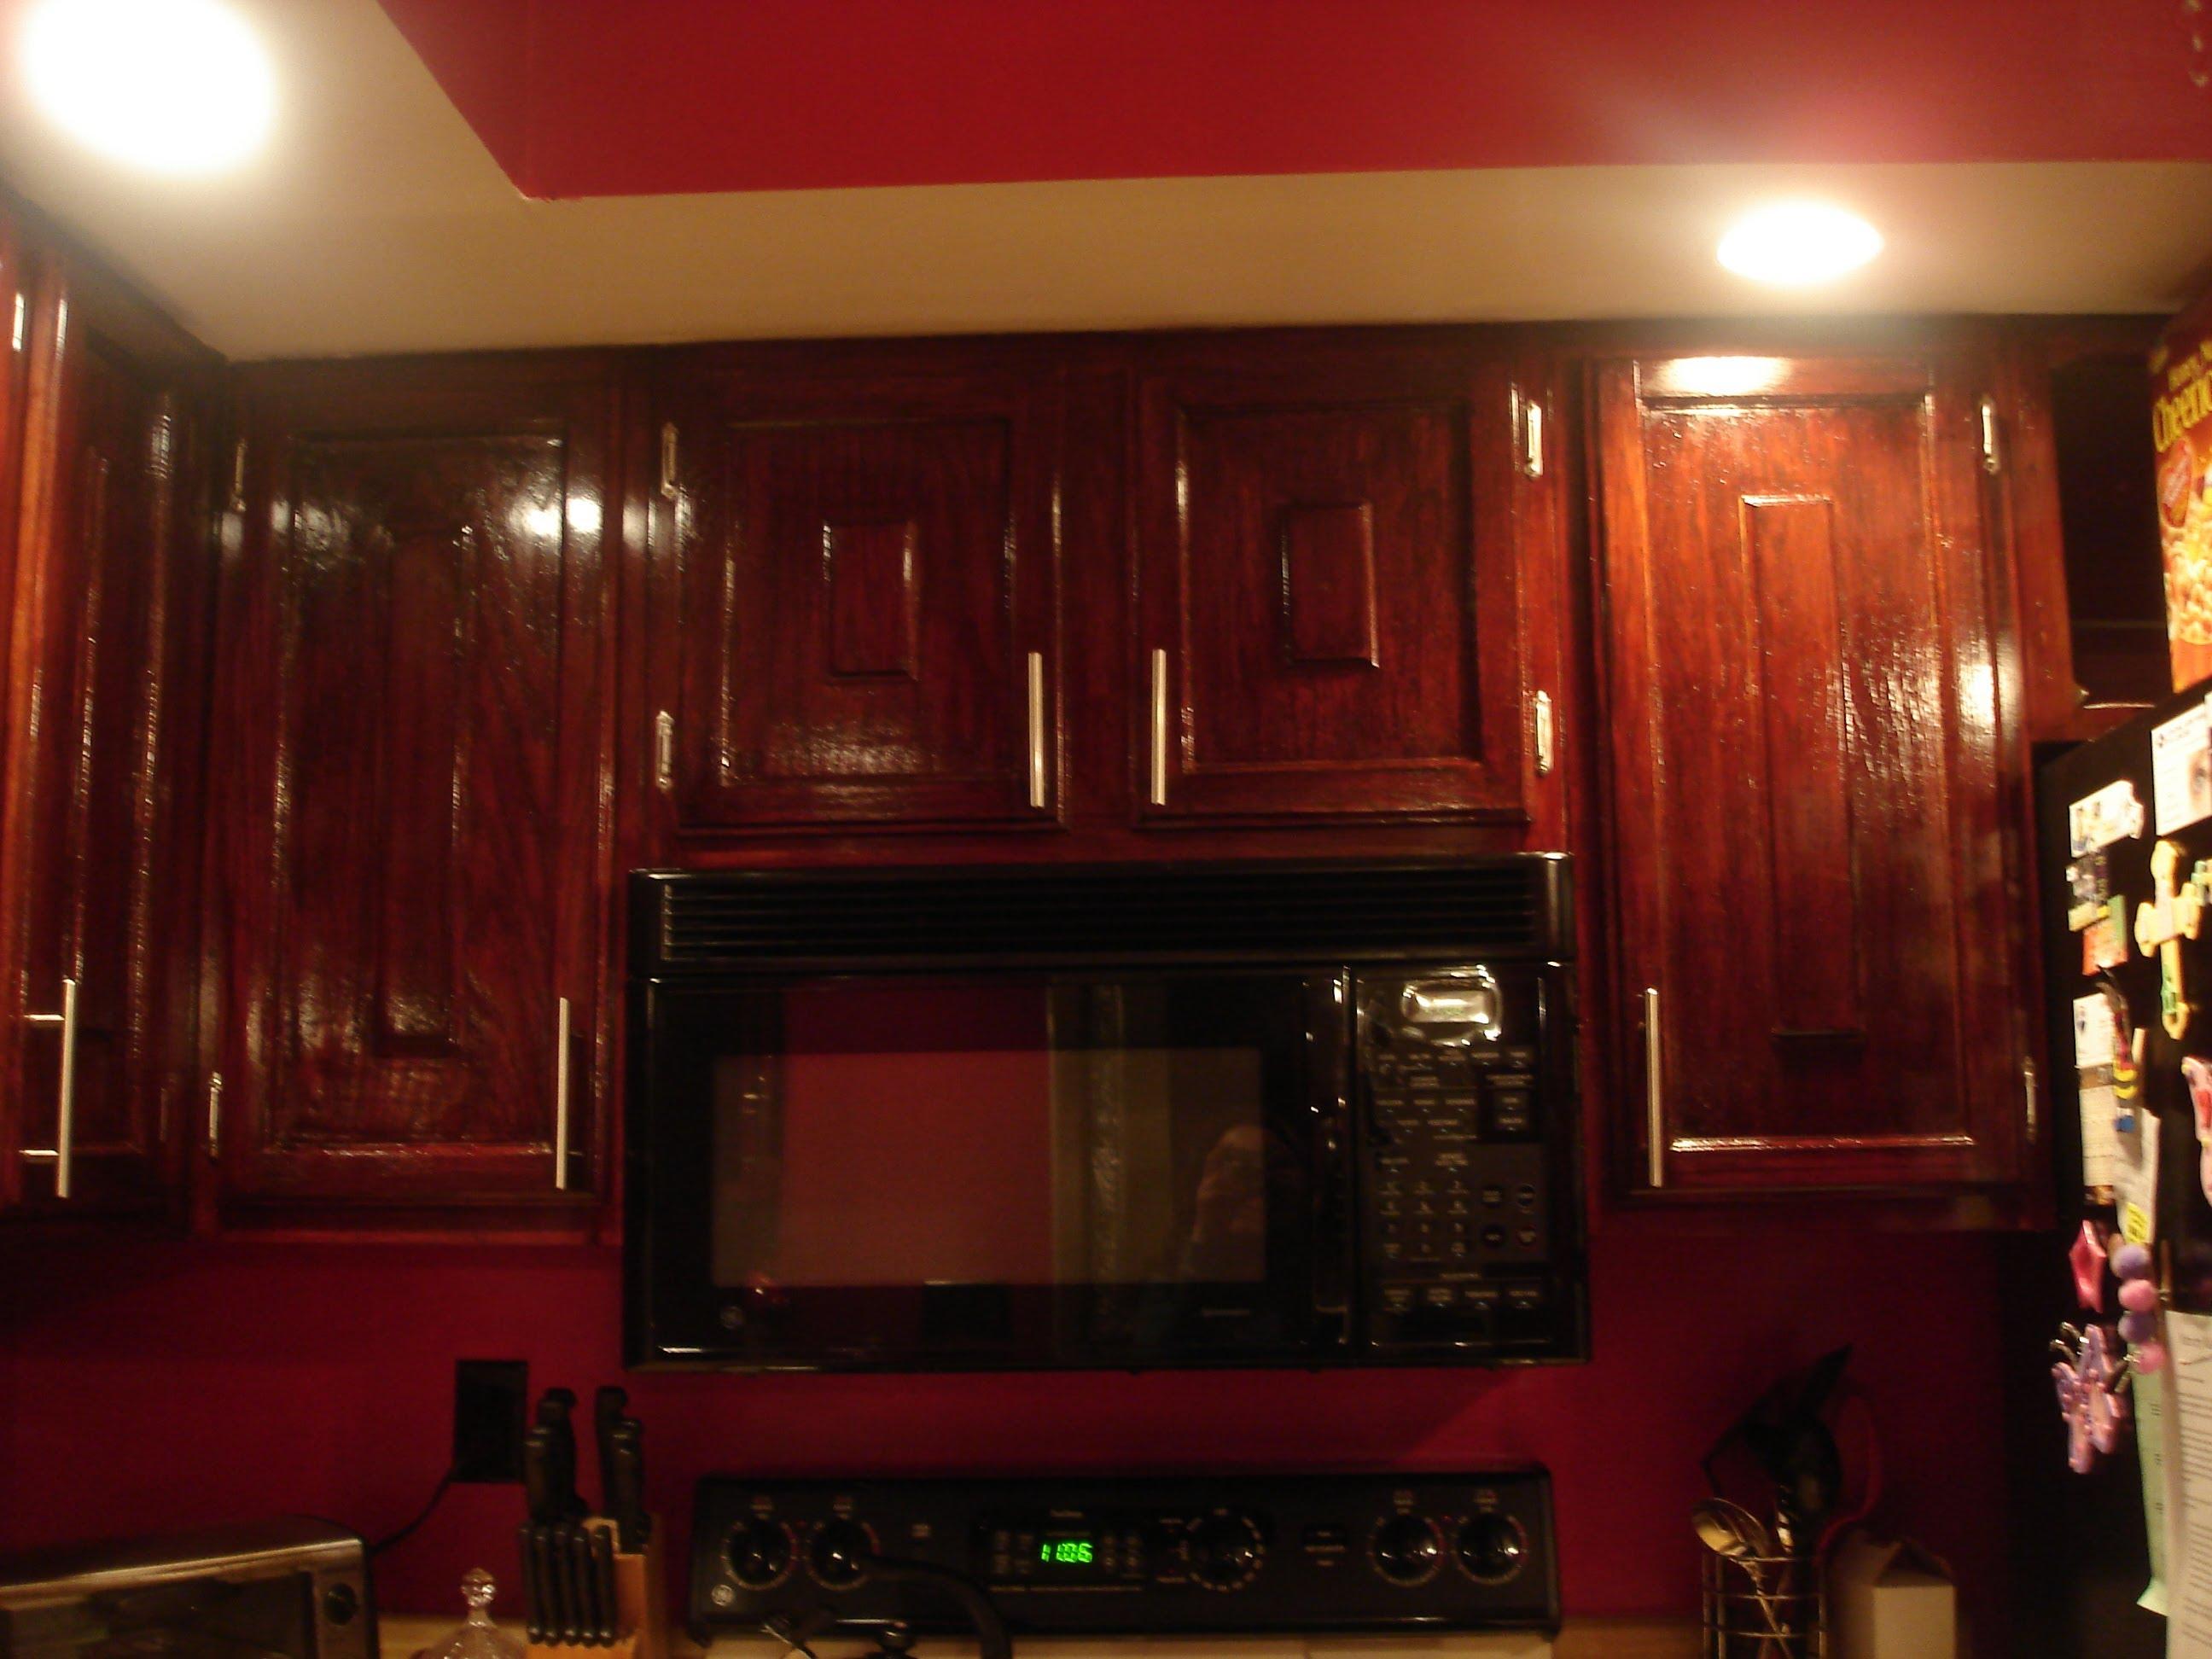 restaining-kitchen-cabinets-gel-stain-photo-8